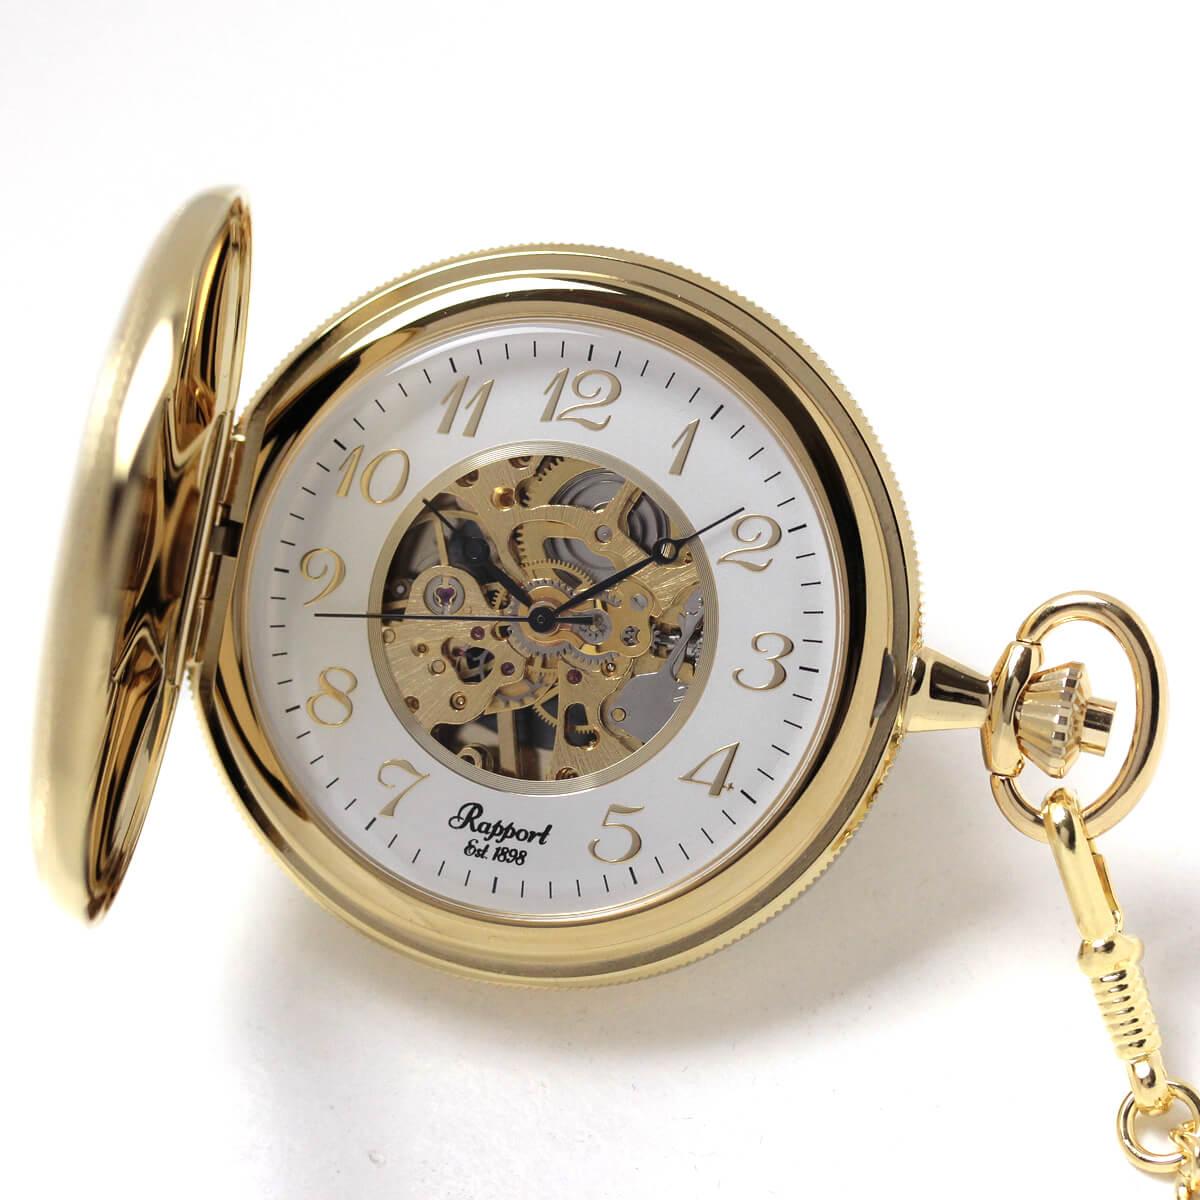 イギリスブランド rapport(ラポート) 懐中時計 pw46 ゴールドカラーの両蓋開きスケルトンモデル